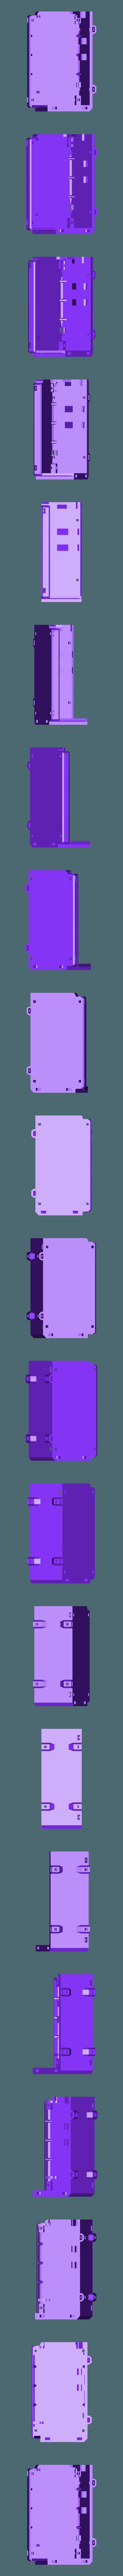 dasaki_ramps_enclosure_base.stl Télécharger fichier STL gratuit Dasaki Ramps 1.4 Boîtier / Boîte / Boîtier • Plan pour impression 3D, dasaki